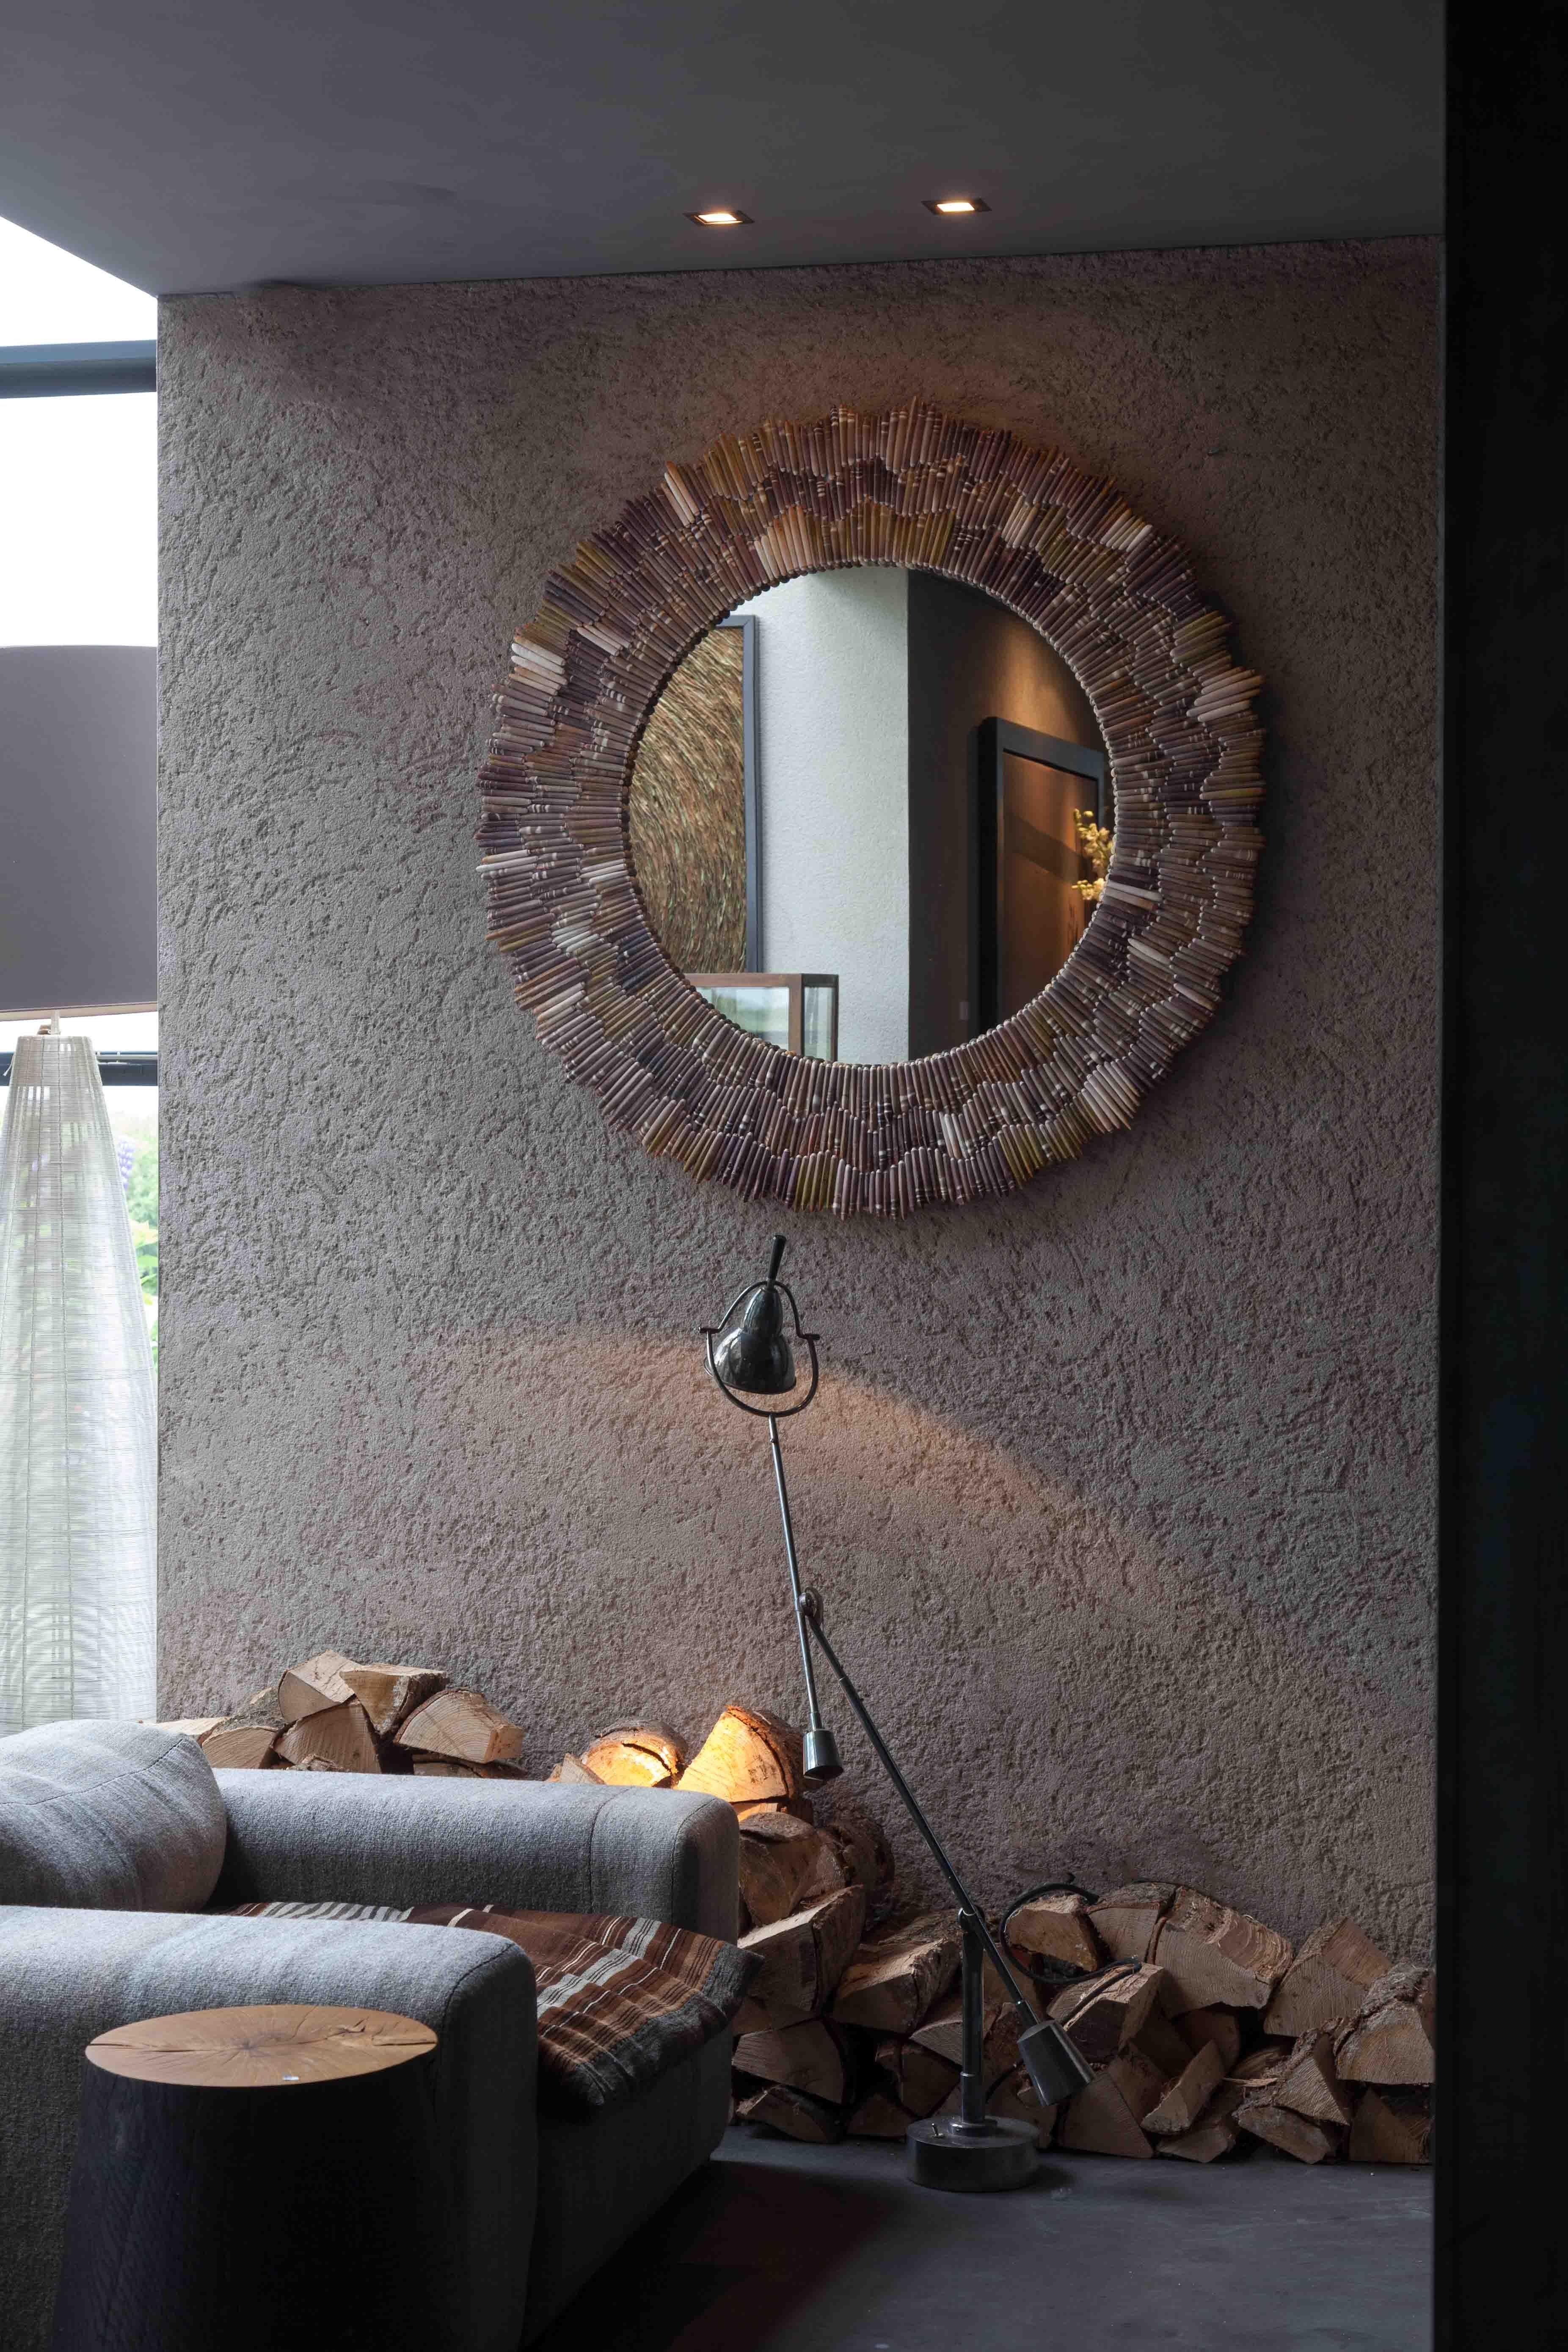 Spiegel met zee-egel pennen voor aan de wand in woonkamer naast ...